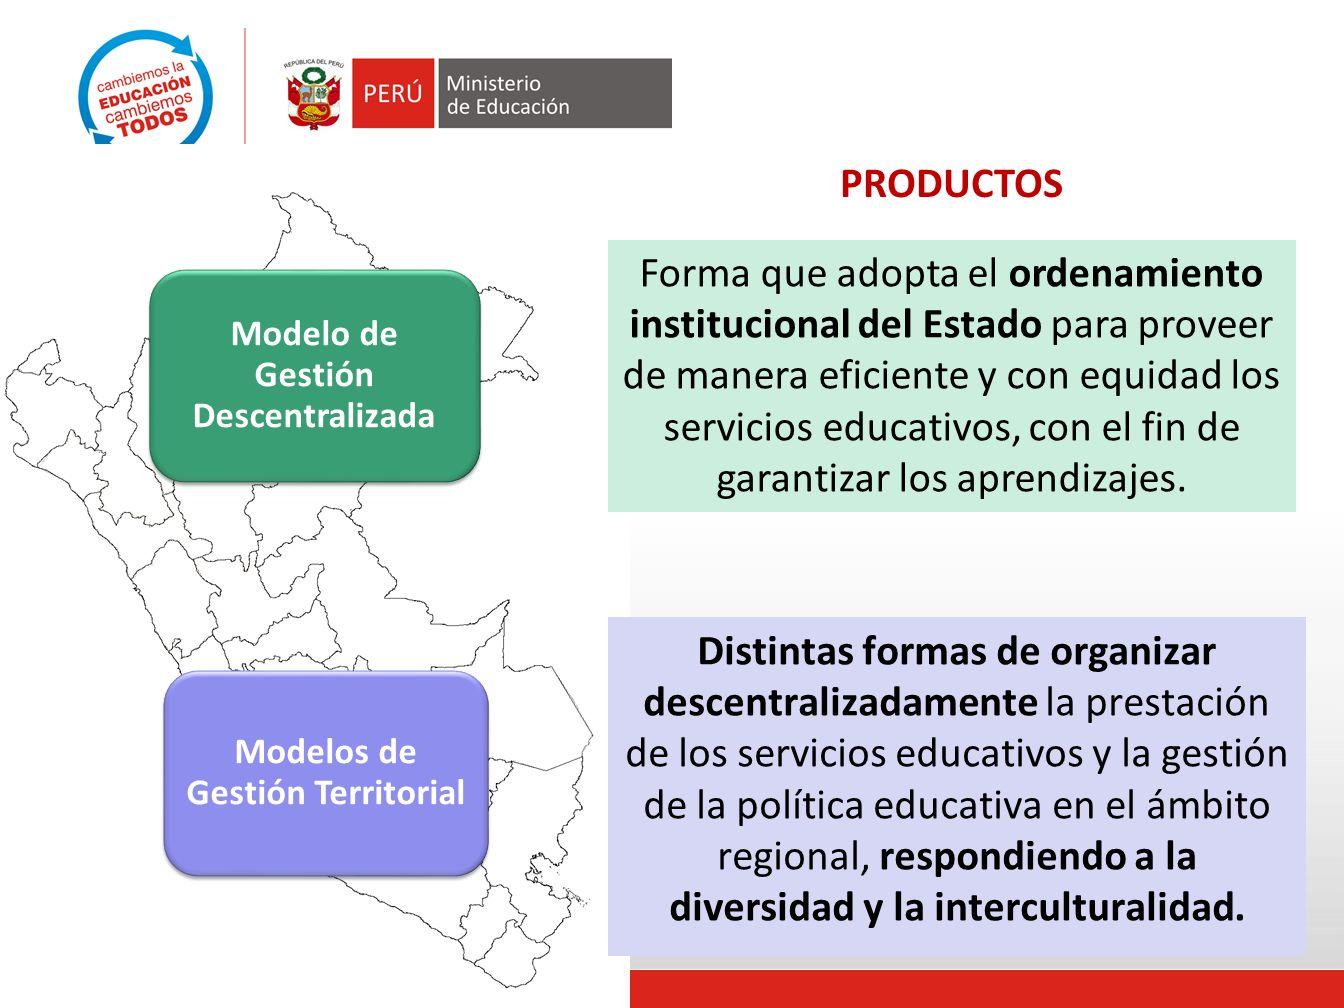 Modelo de Gestión Descentralizada Modelos de Gestión Territorial Forma que adopta el ordenamiento institucional del Estado para proveer de manera eficiente y con equidad los servicios educativos, con el fin de garantizar los aprendizajes.